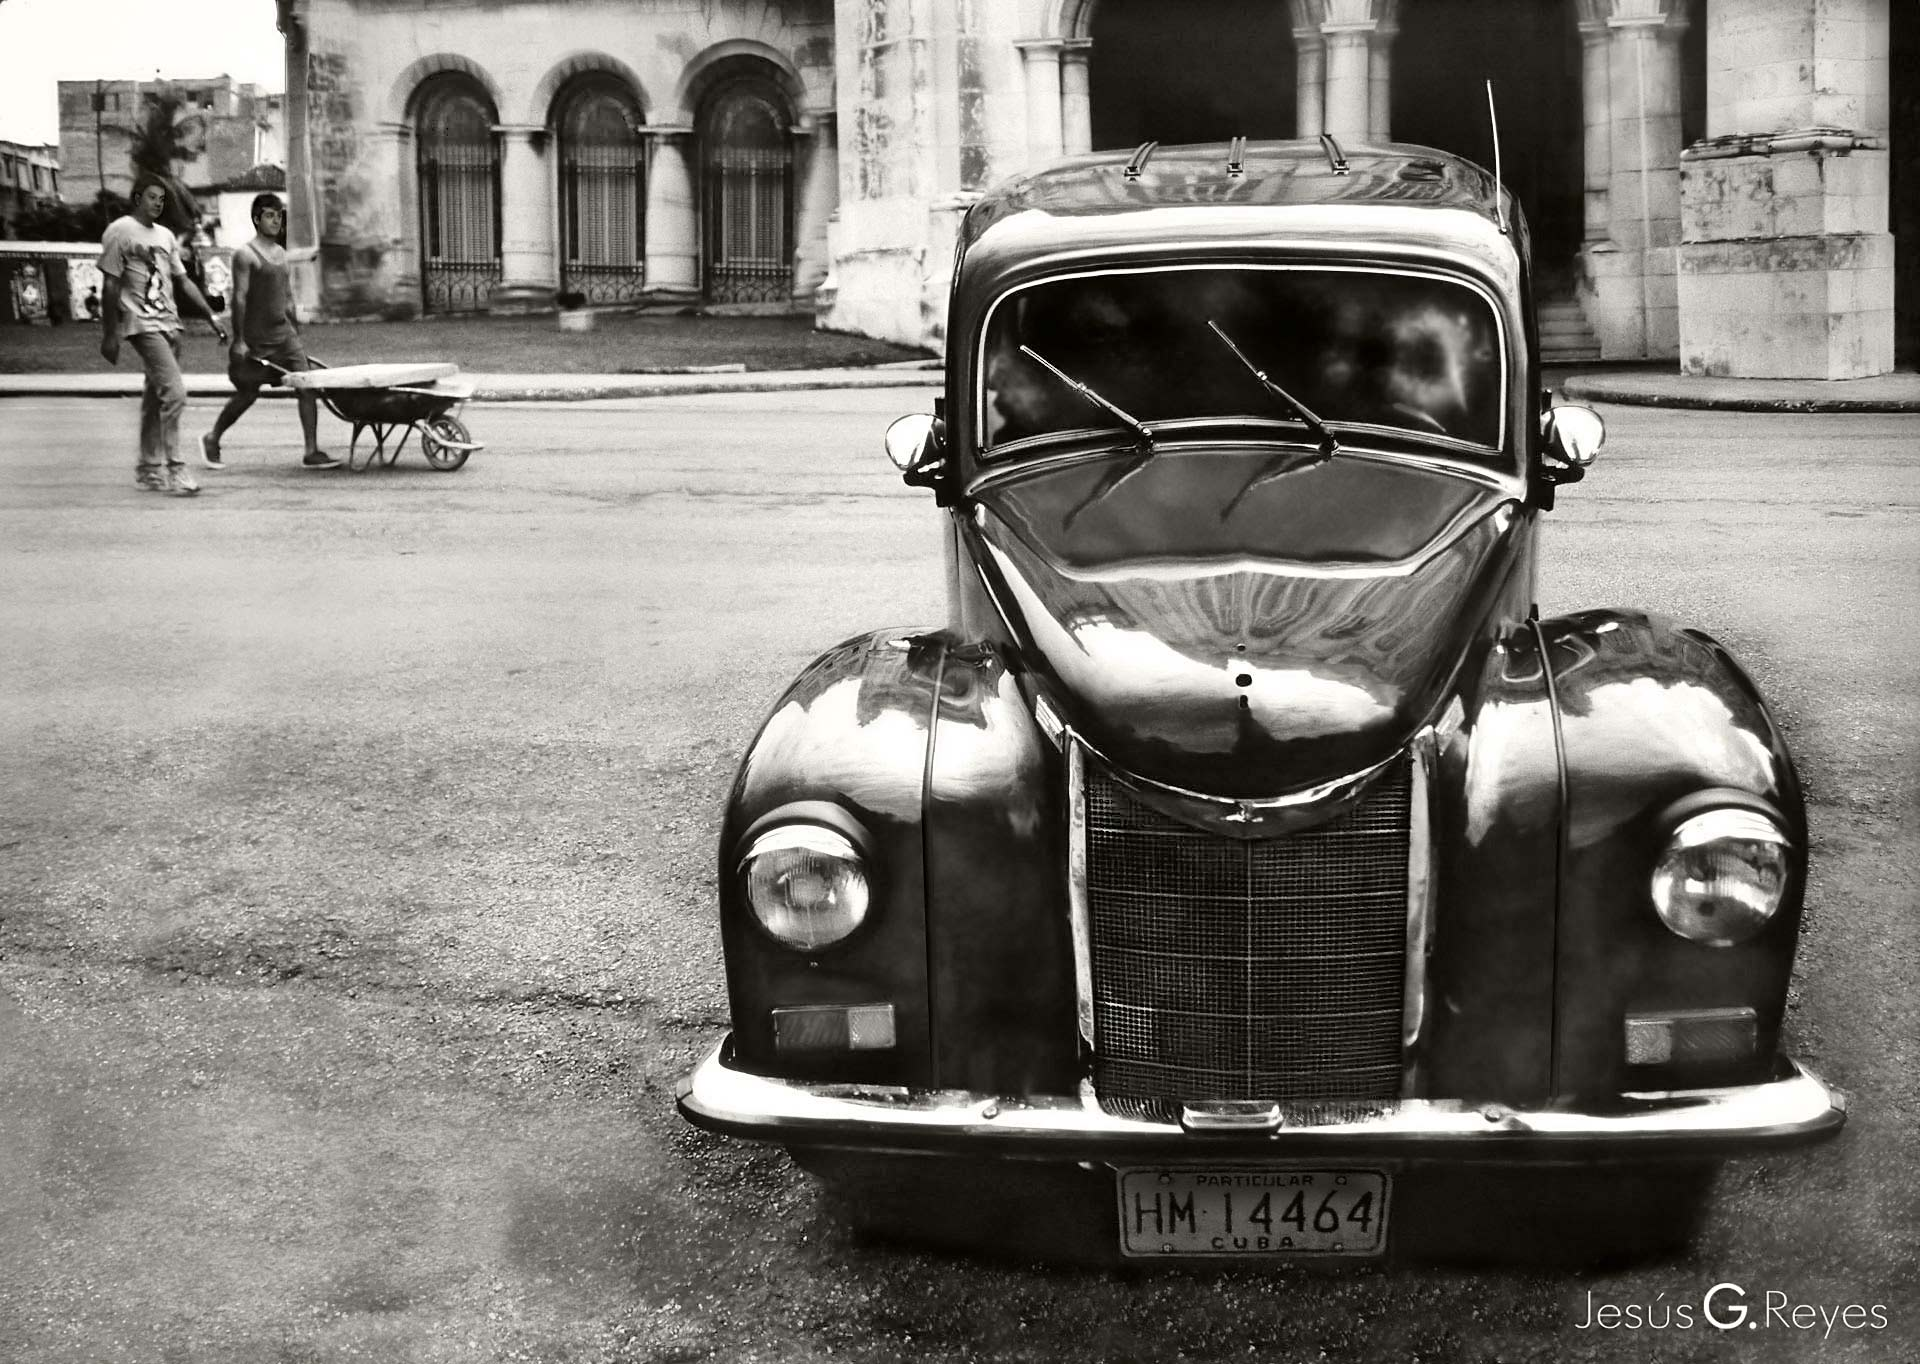 Havana. Old car